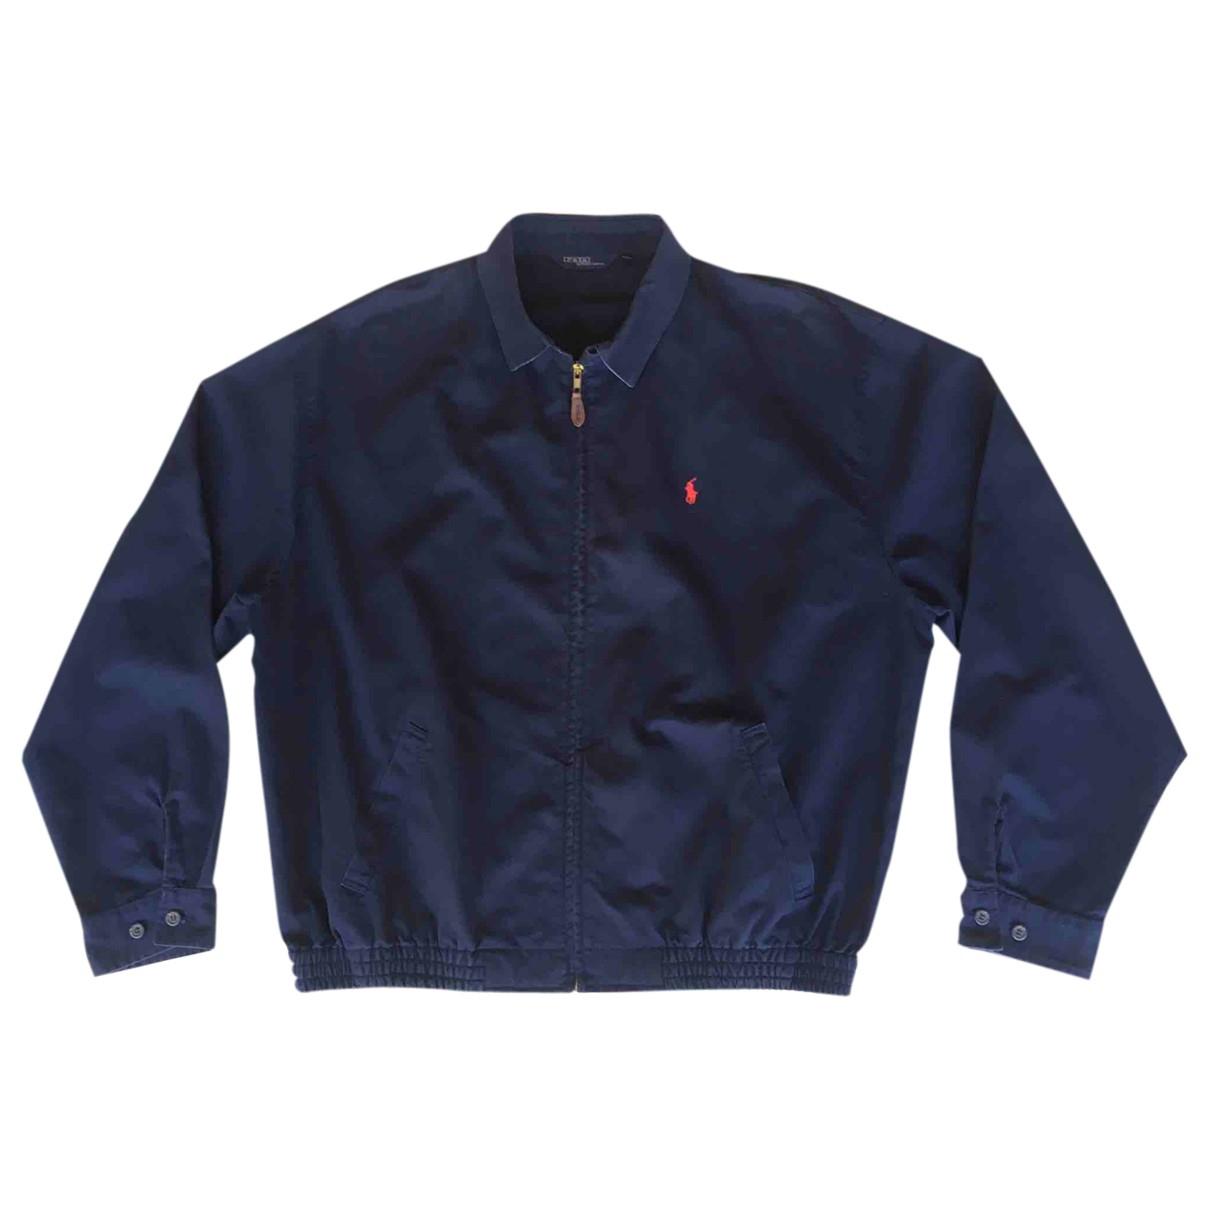 Polo Ralph Lauren - Vestes.Blousons   pour homme en coton - bleu